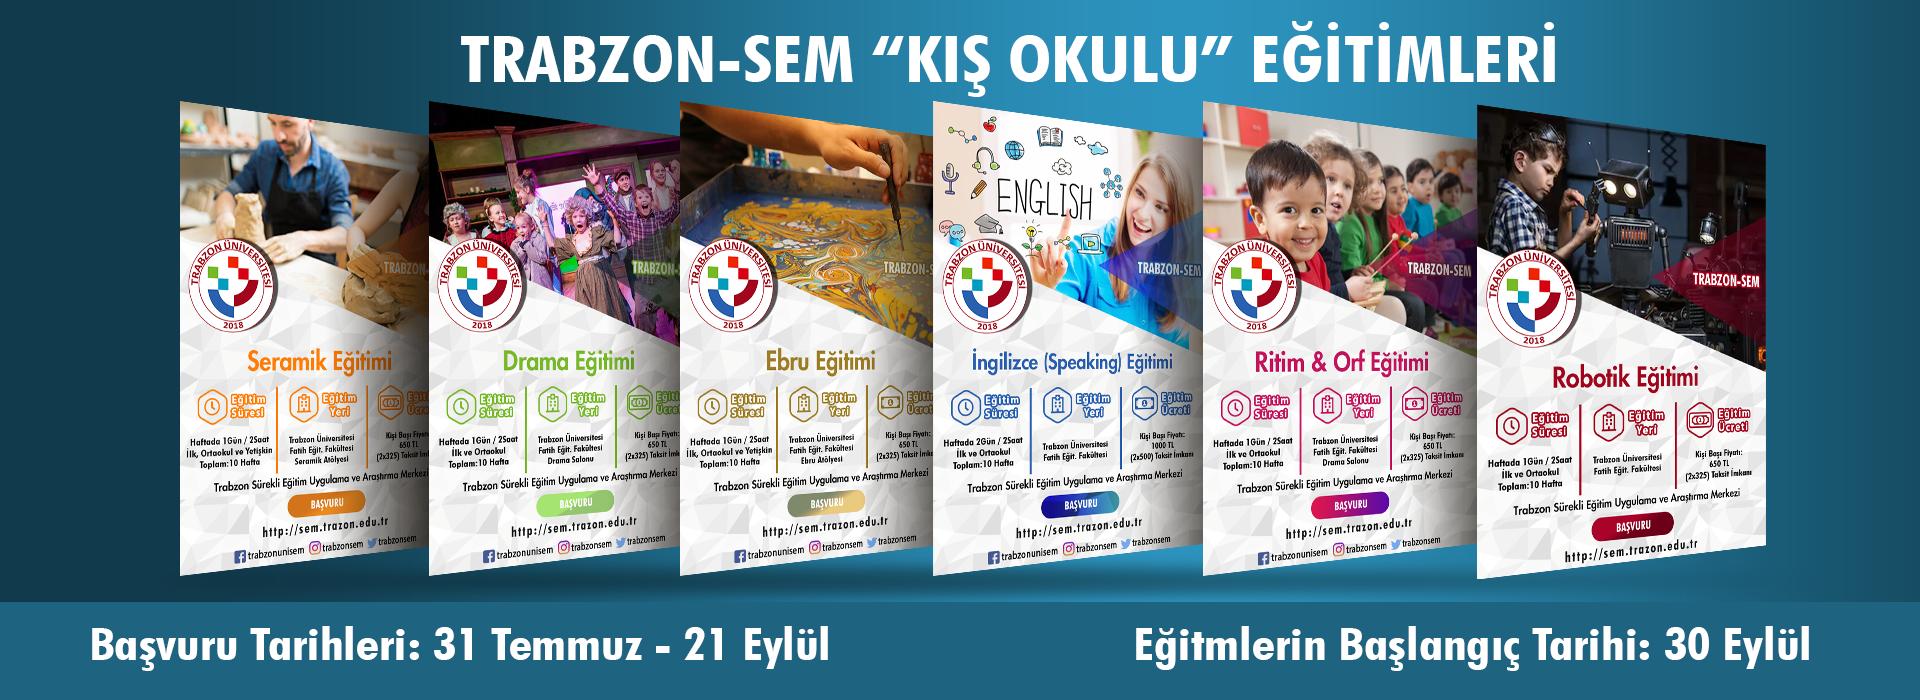 Trabzon-SEM Kış Okulu Eğitimleri Başvuruları